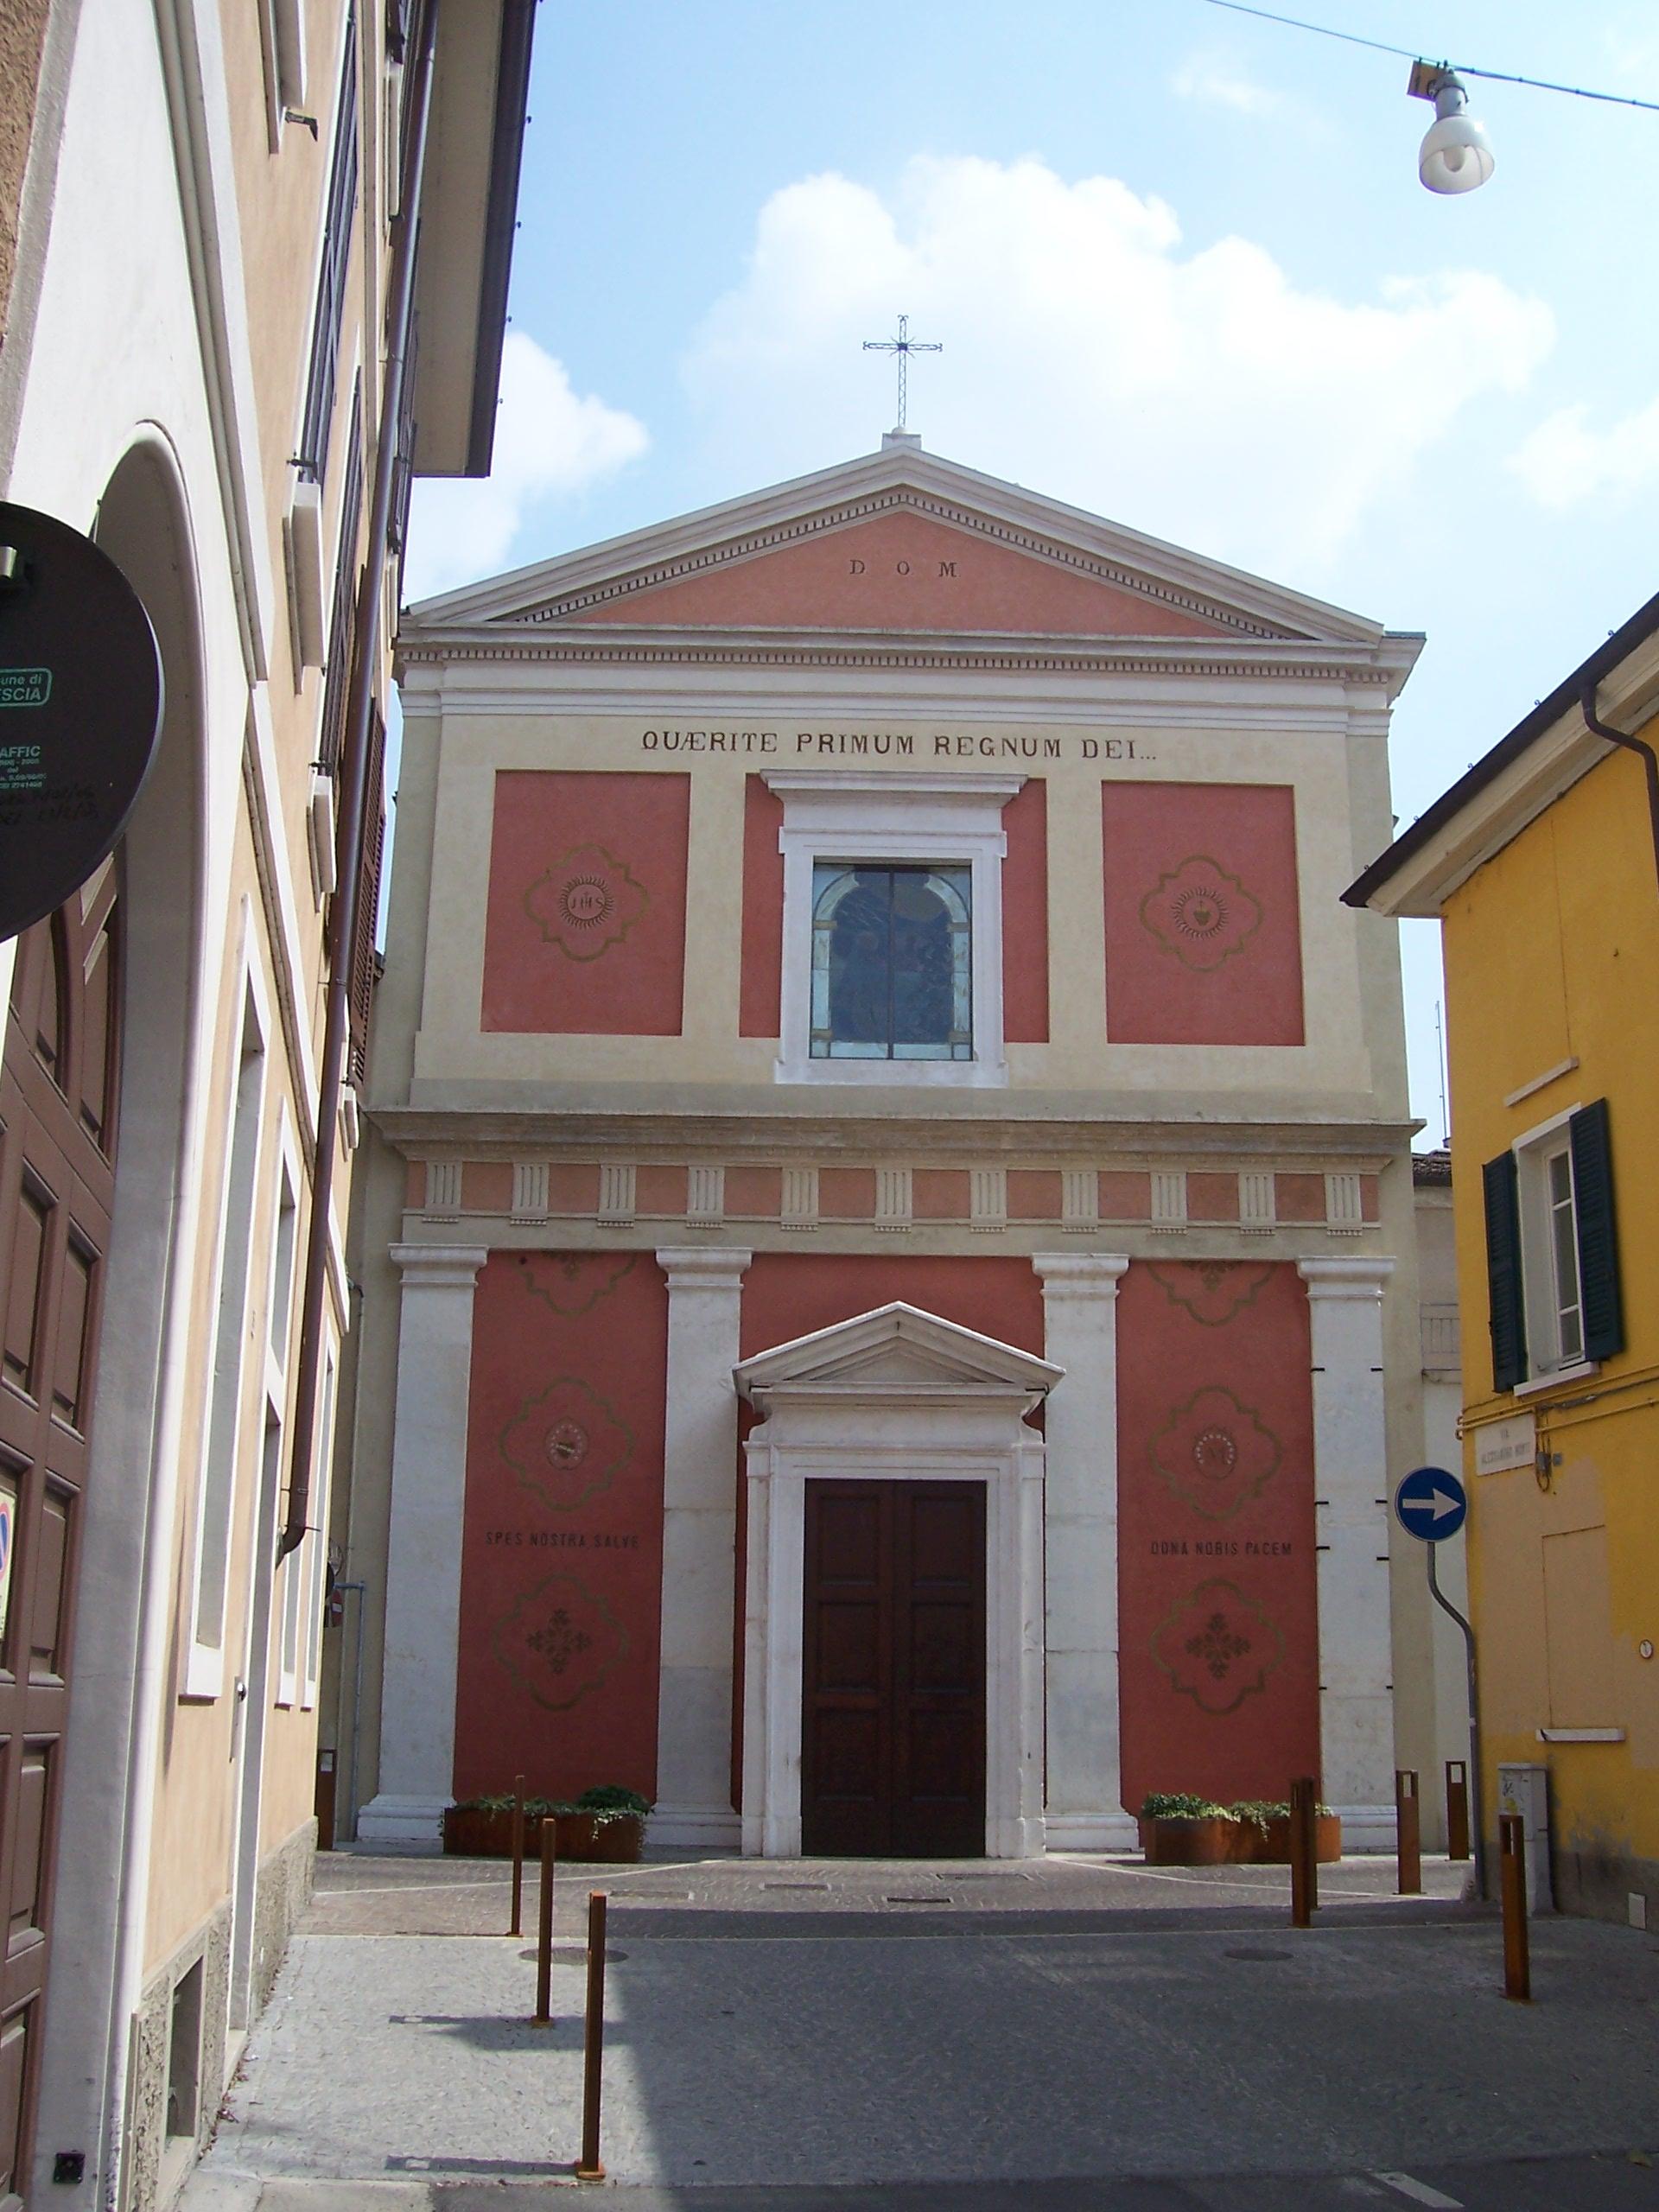 File:Facciata san gaetano brescia.jpg - Wikimedia Commons